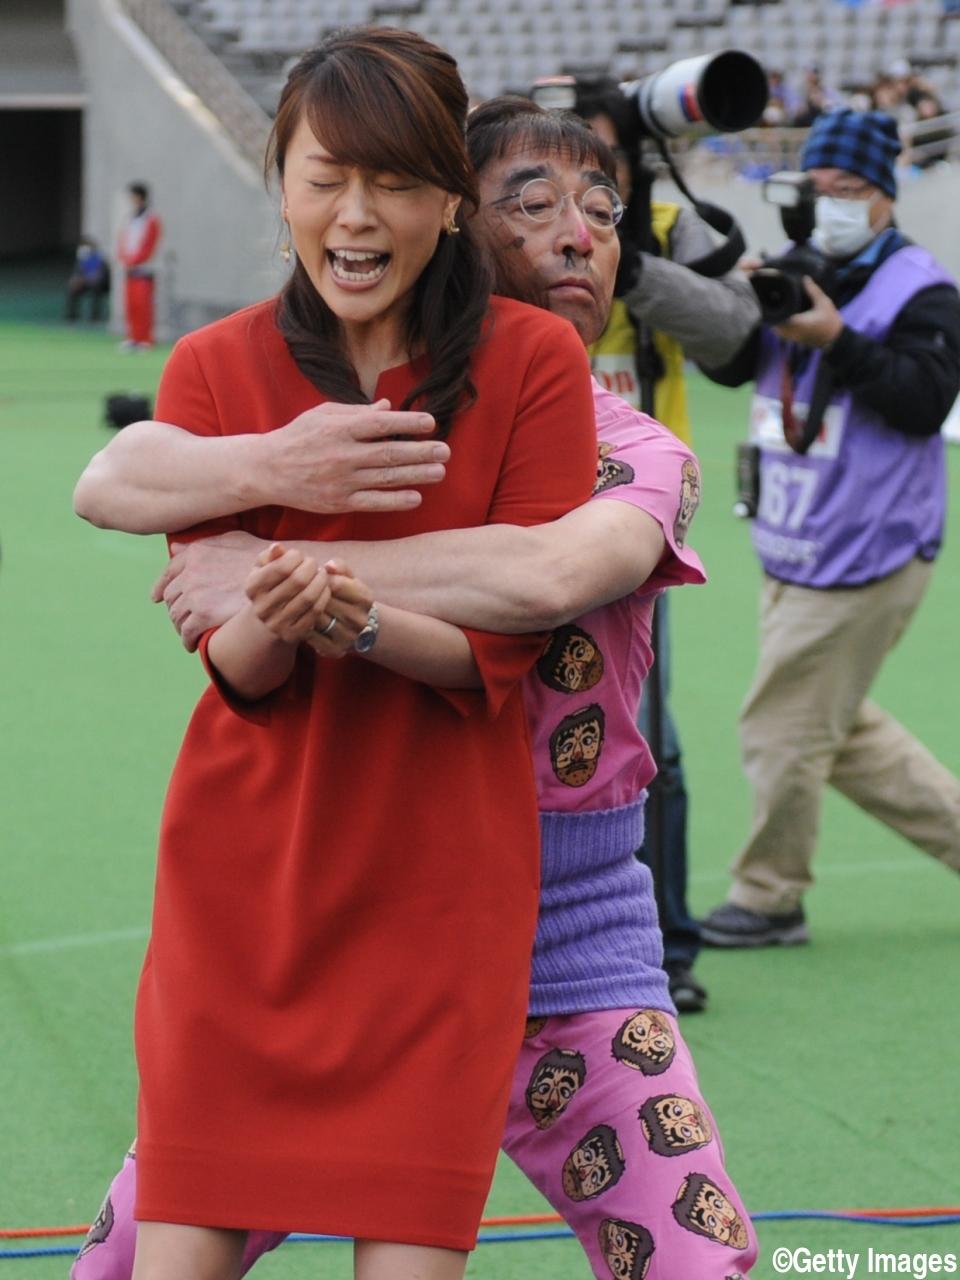 変なおじさんに扮する志村けんさん。本田朋子アナに抱きついています。やりたい放題ですね。